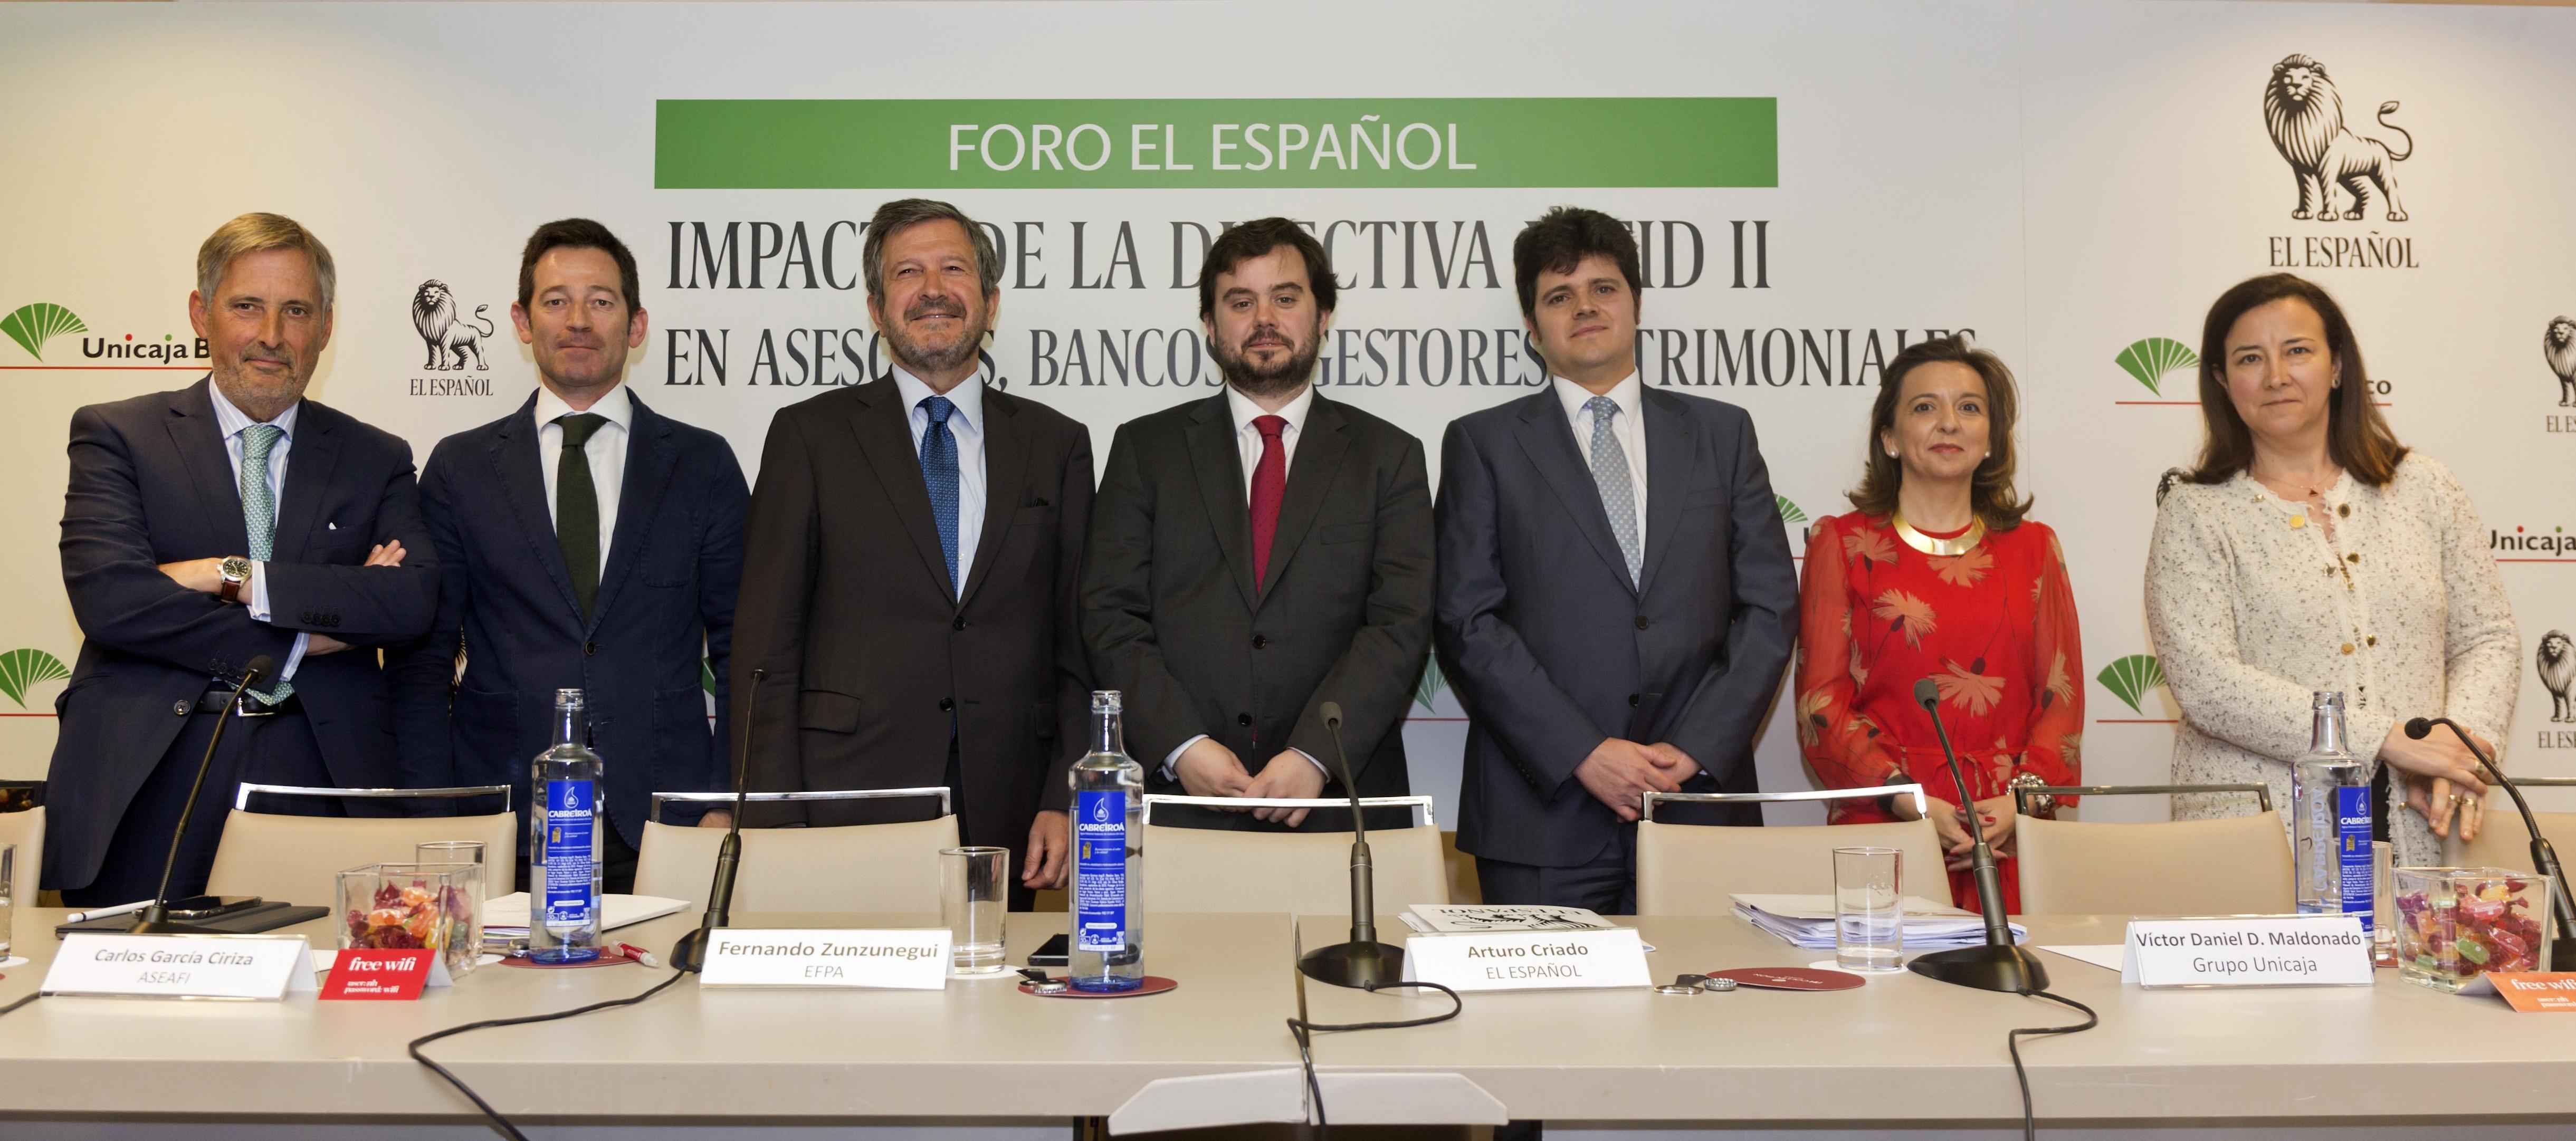 Ponentes Foro MiFID II El Español Unicaja MiFID II a debate: el asesoramiento es la clave para superar la asimetría financiera